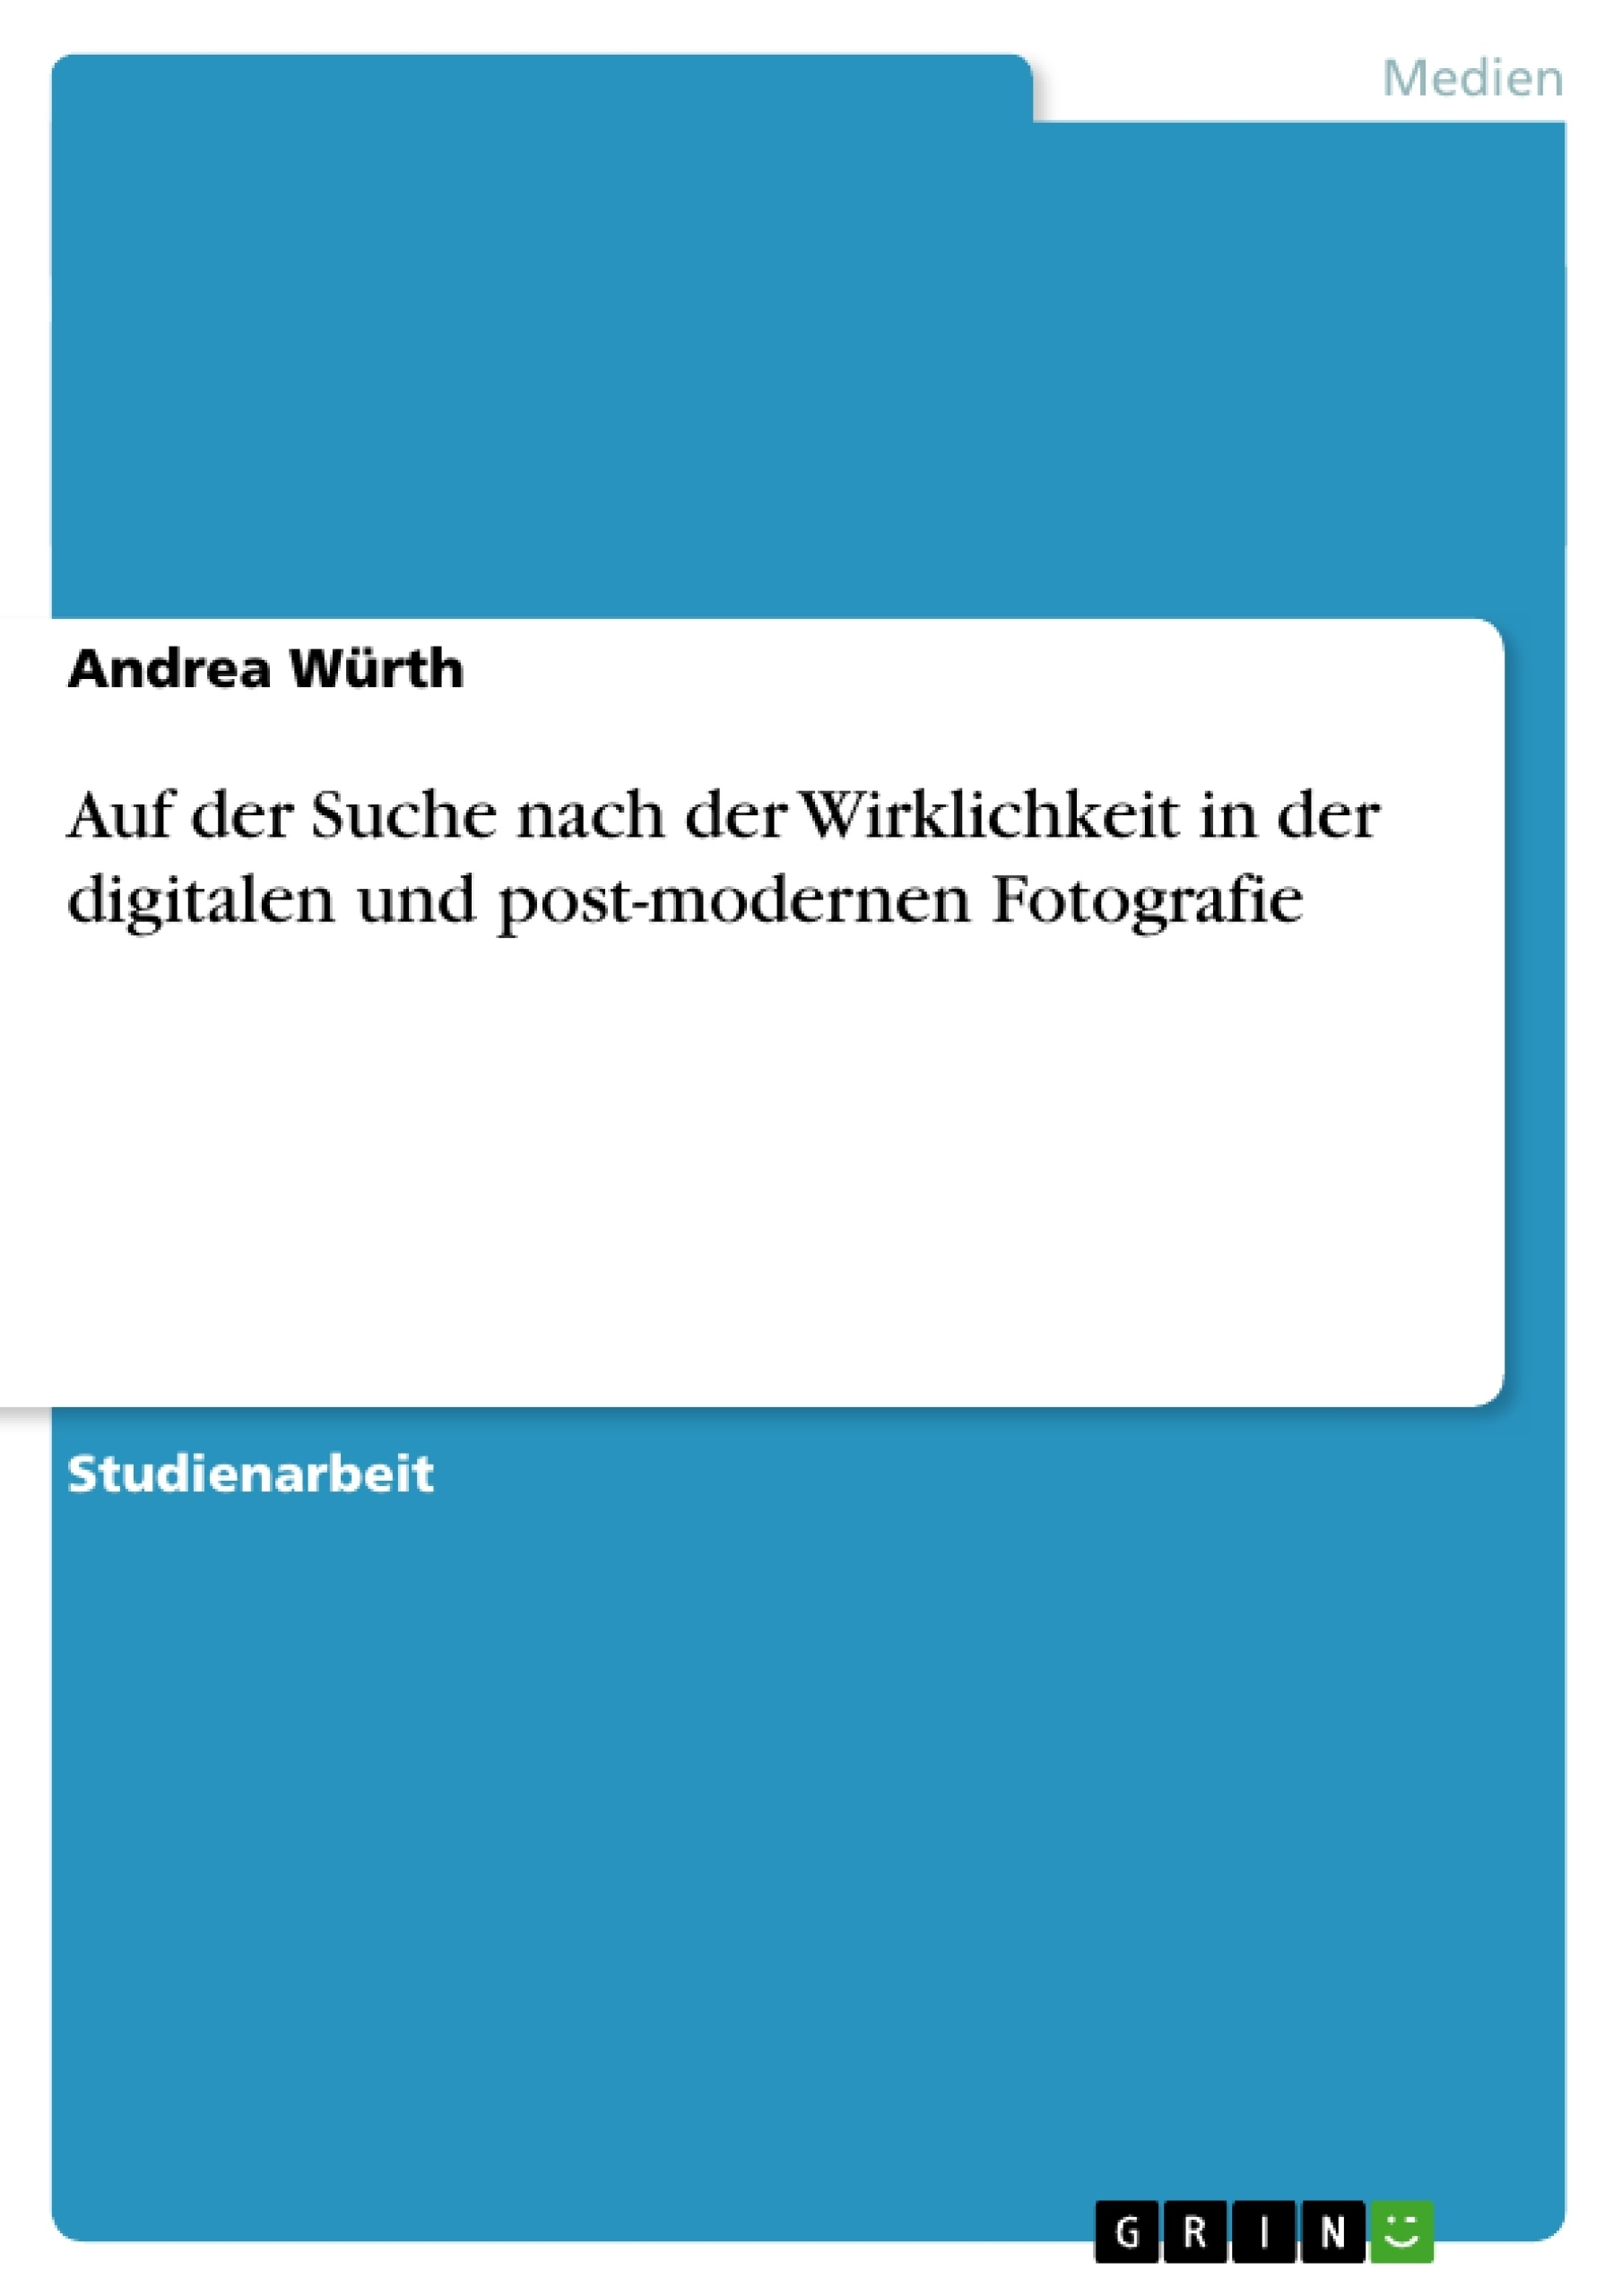 Titel: Auf der Suche nach der Wirklichkeit in der digitalen und post-modernen Fotografie